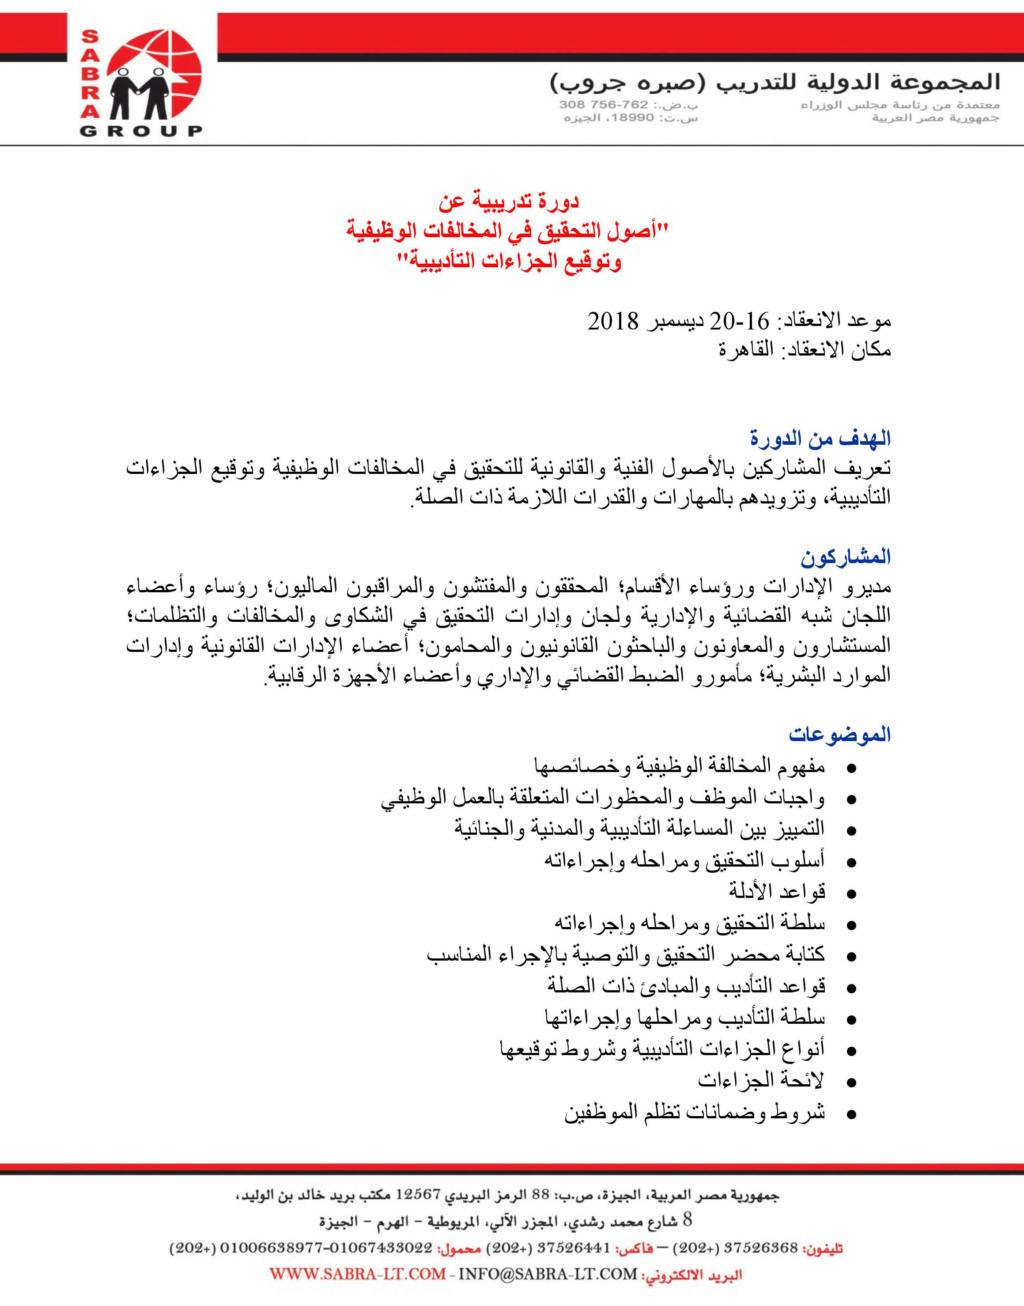 أصول التحقيق في المخالفات الوظيفية وتوقيع الجزاءات التأديبية 34_aoy13